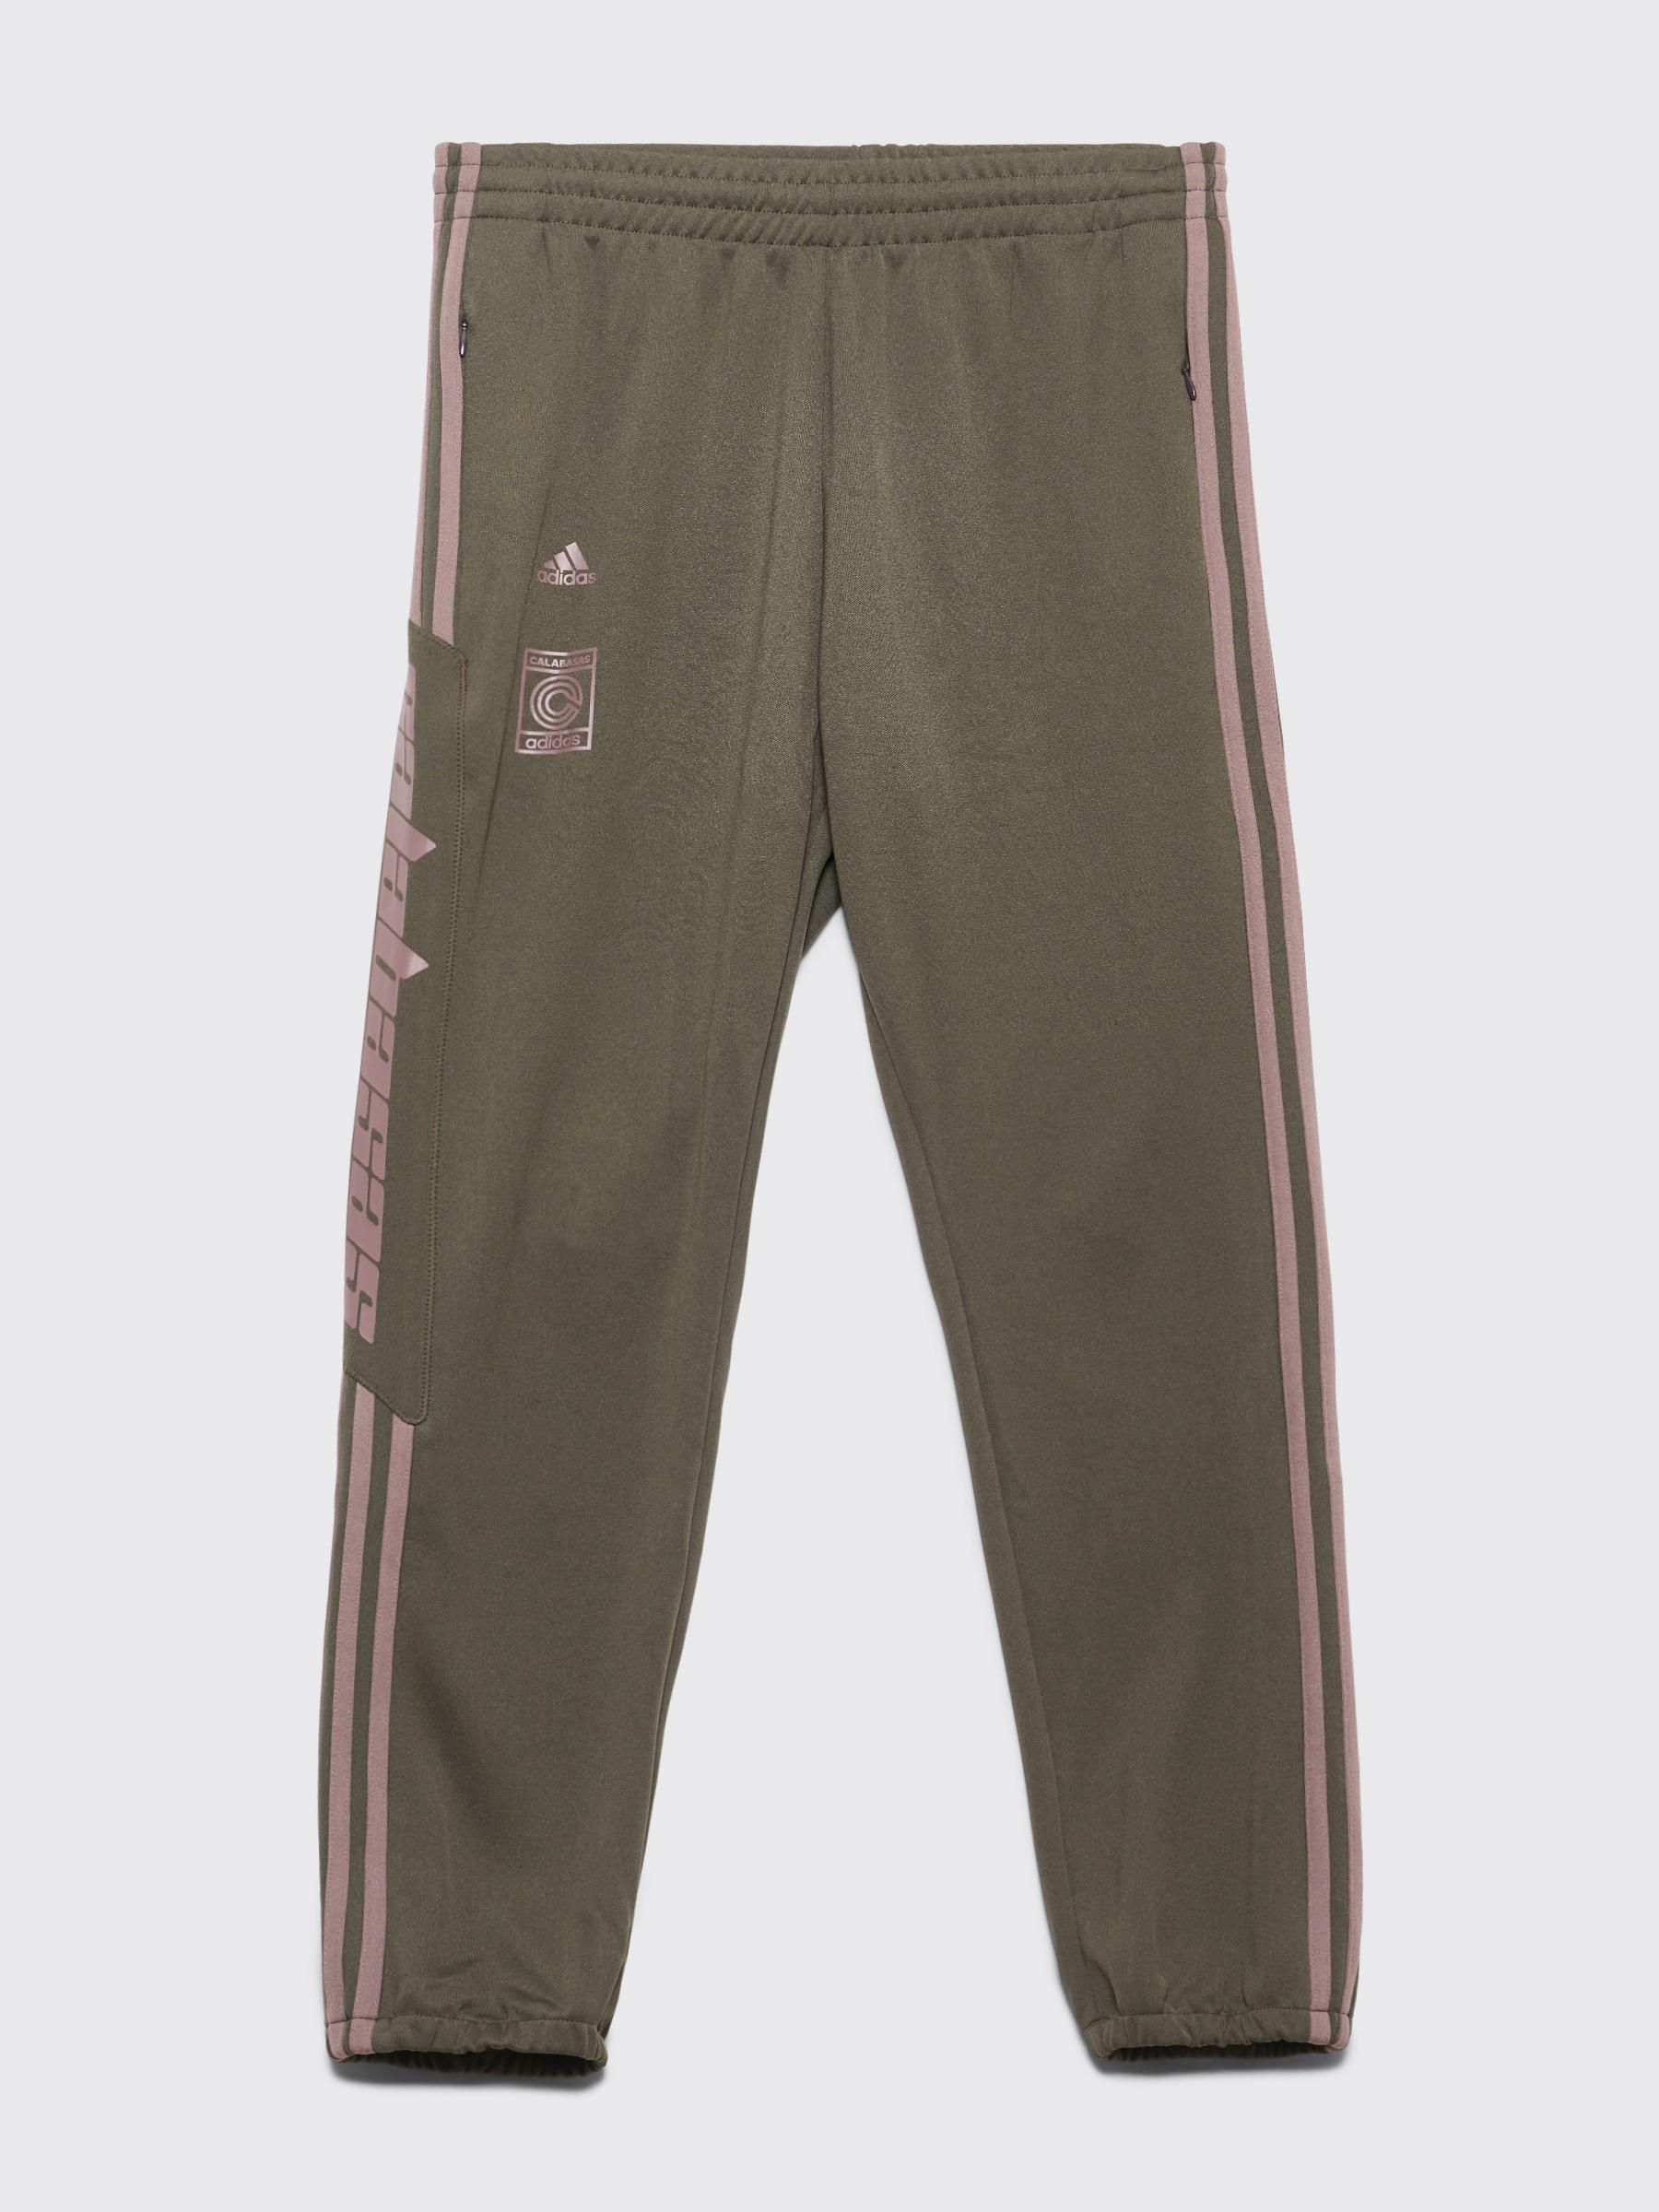 5b52fb6f3 Très Bien - Adidas Originals Yeezy Calabasas Track Pants Core   Mink